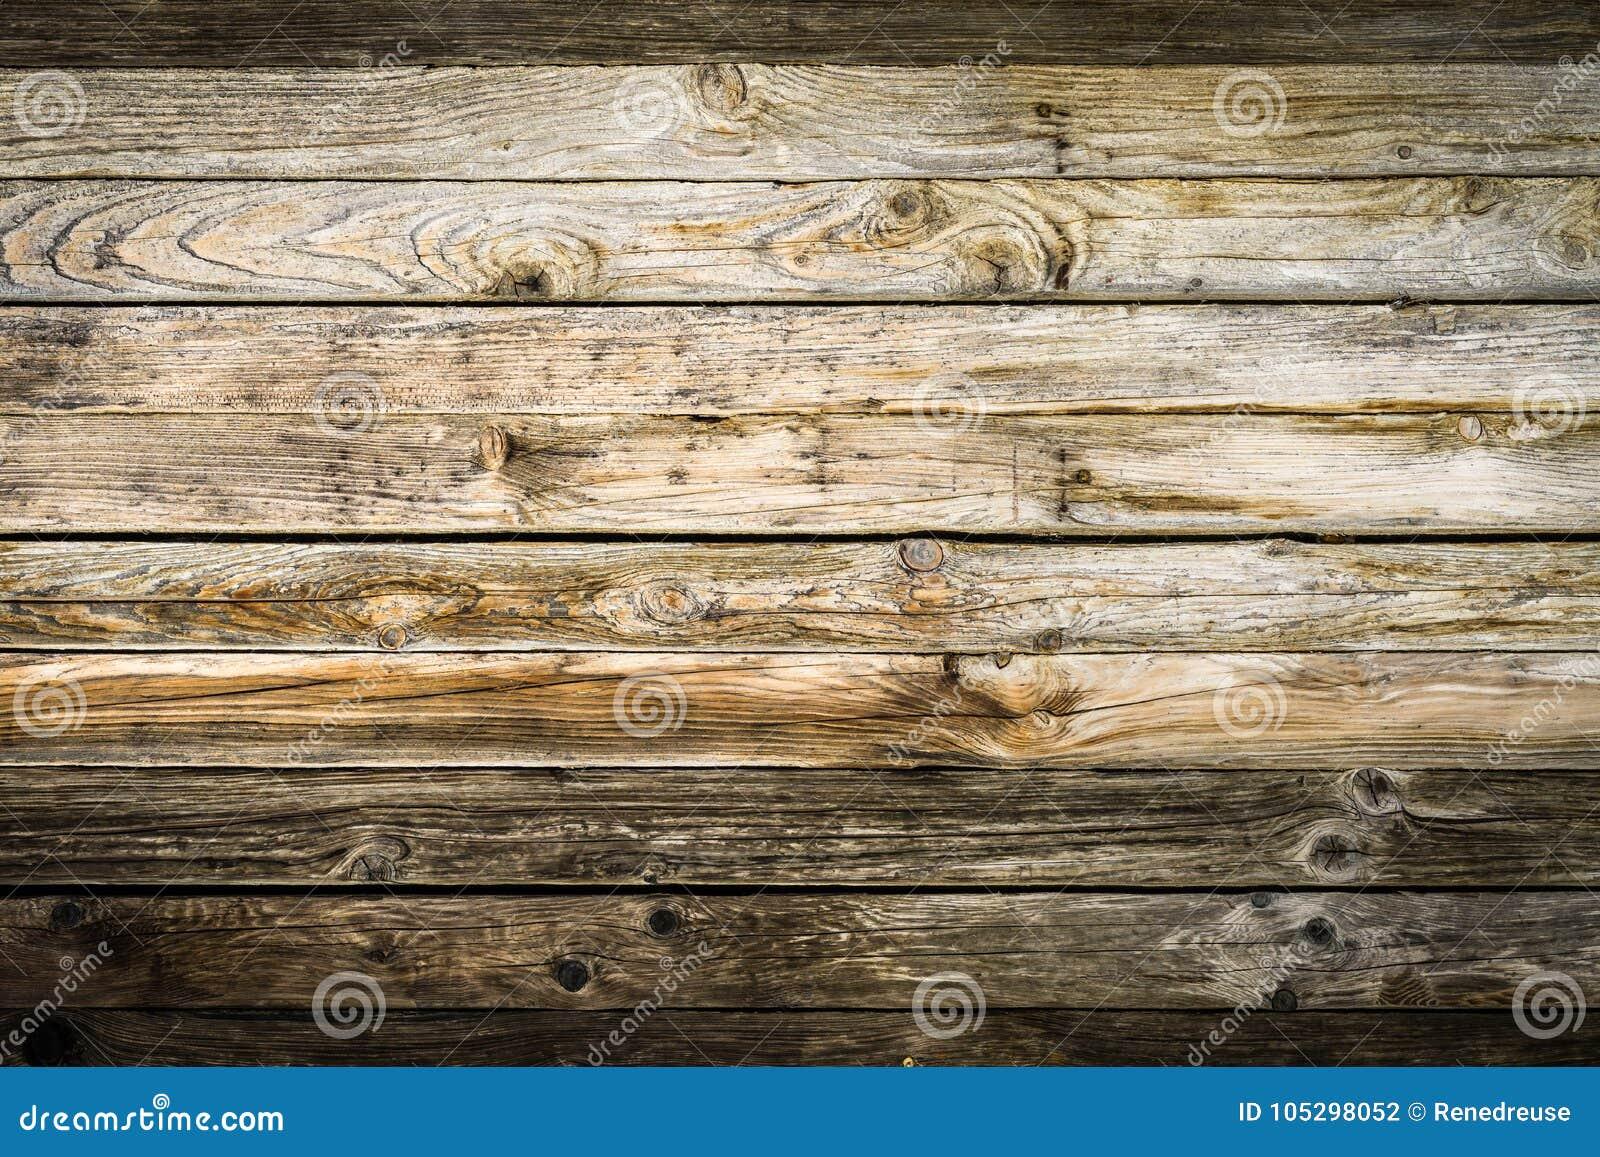 Vieux mur brun naturel en bois de grange modèle texturisé en bois